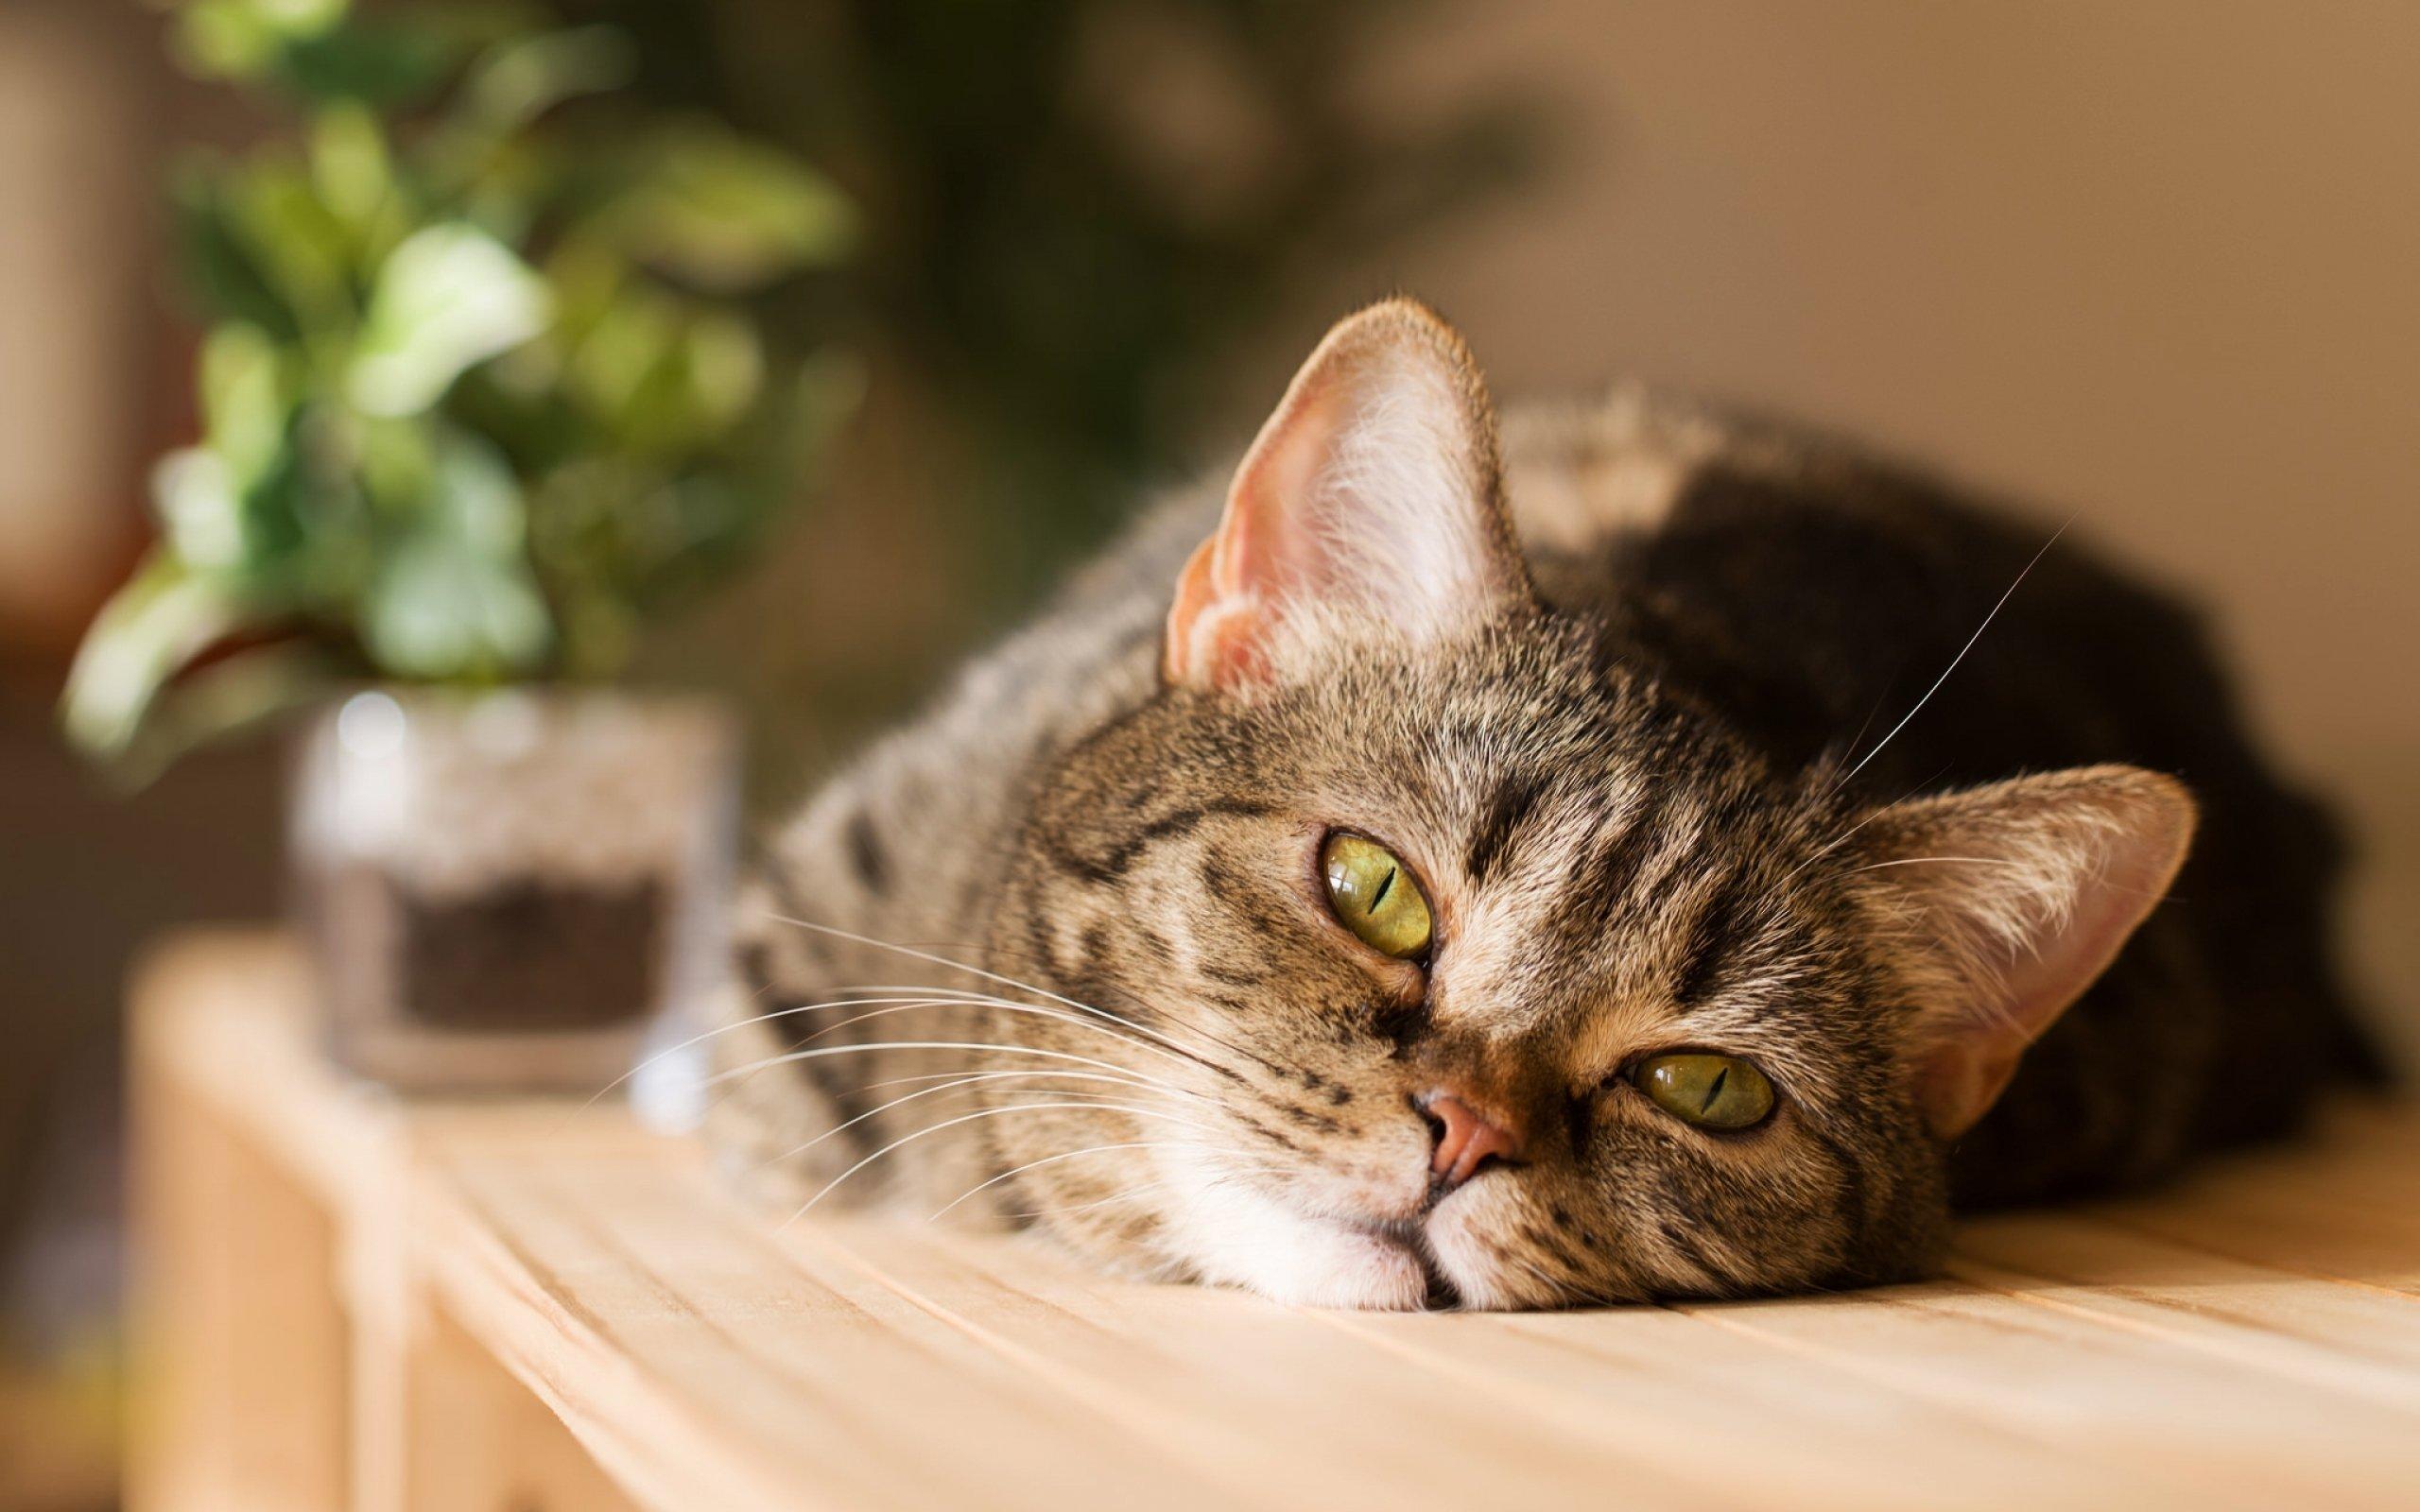 фото кошек с картинками радиоламп постоянно